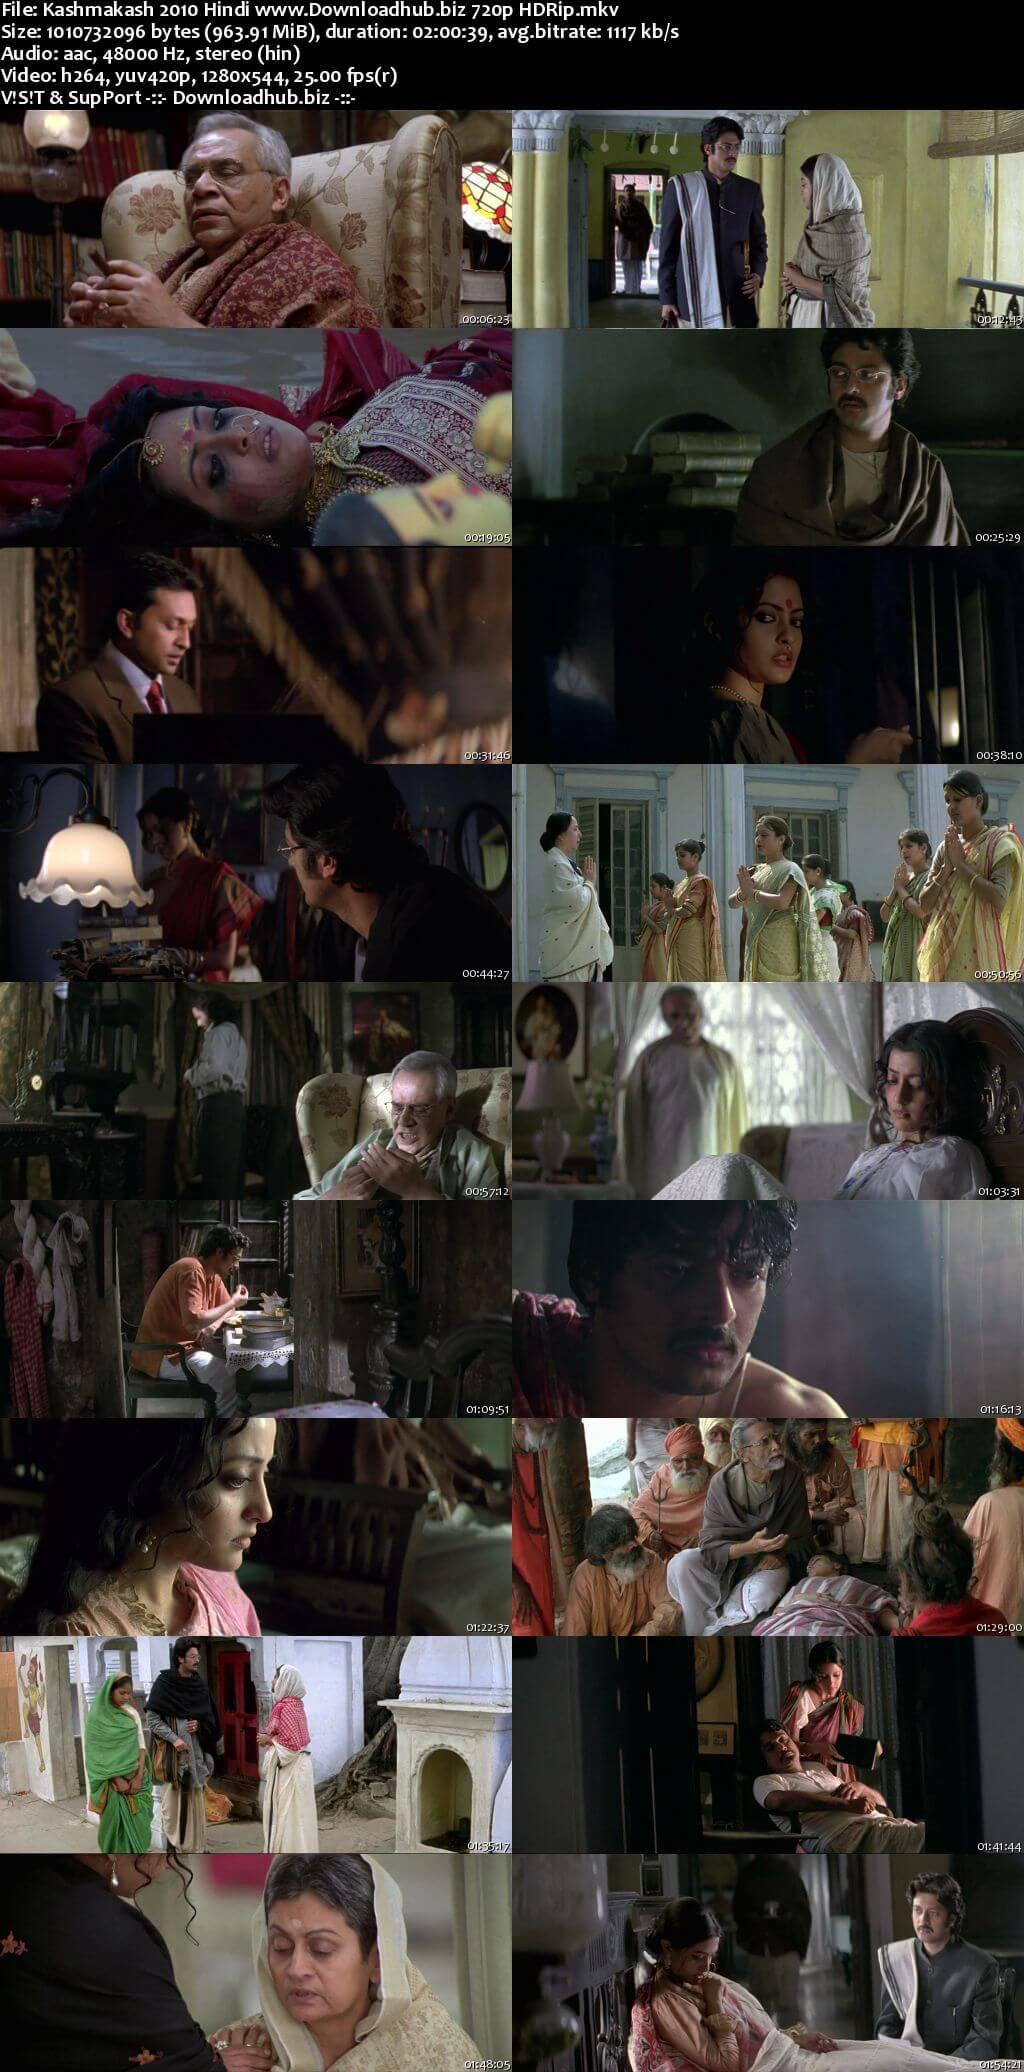 Kashmakash 2010 Hindi 720p HDRip ESubs